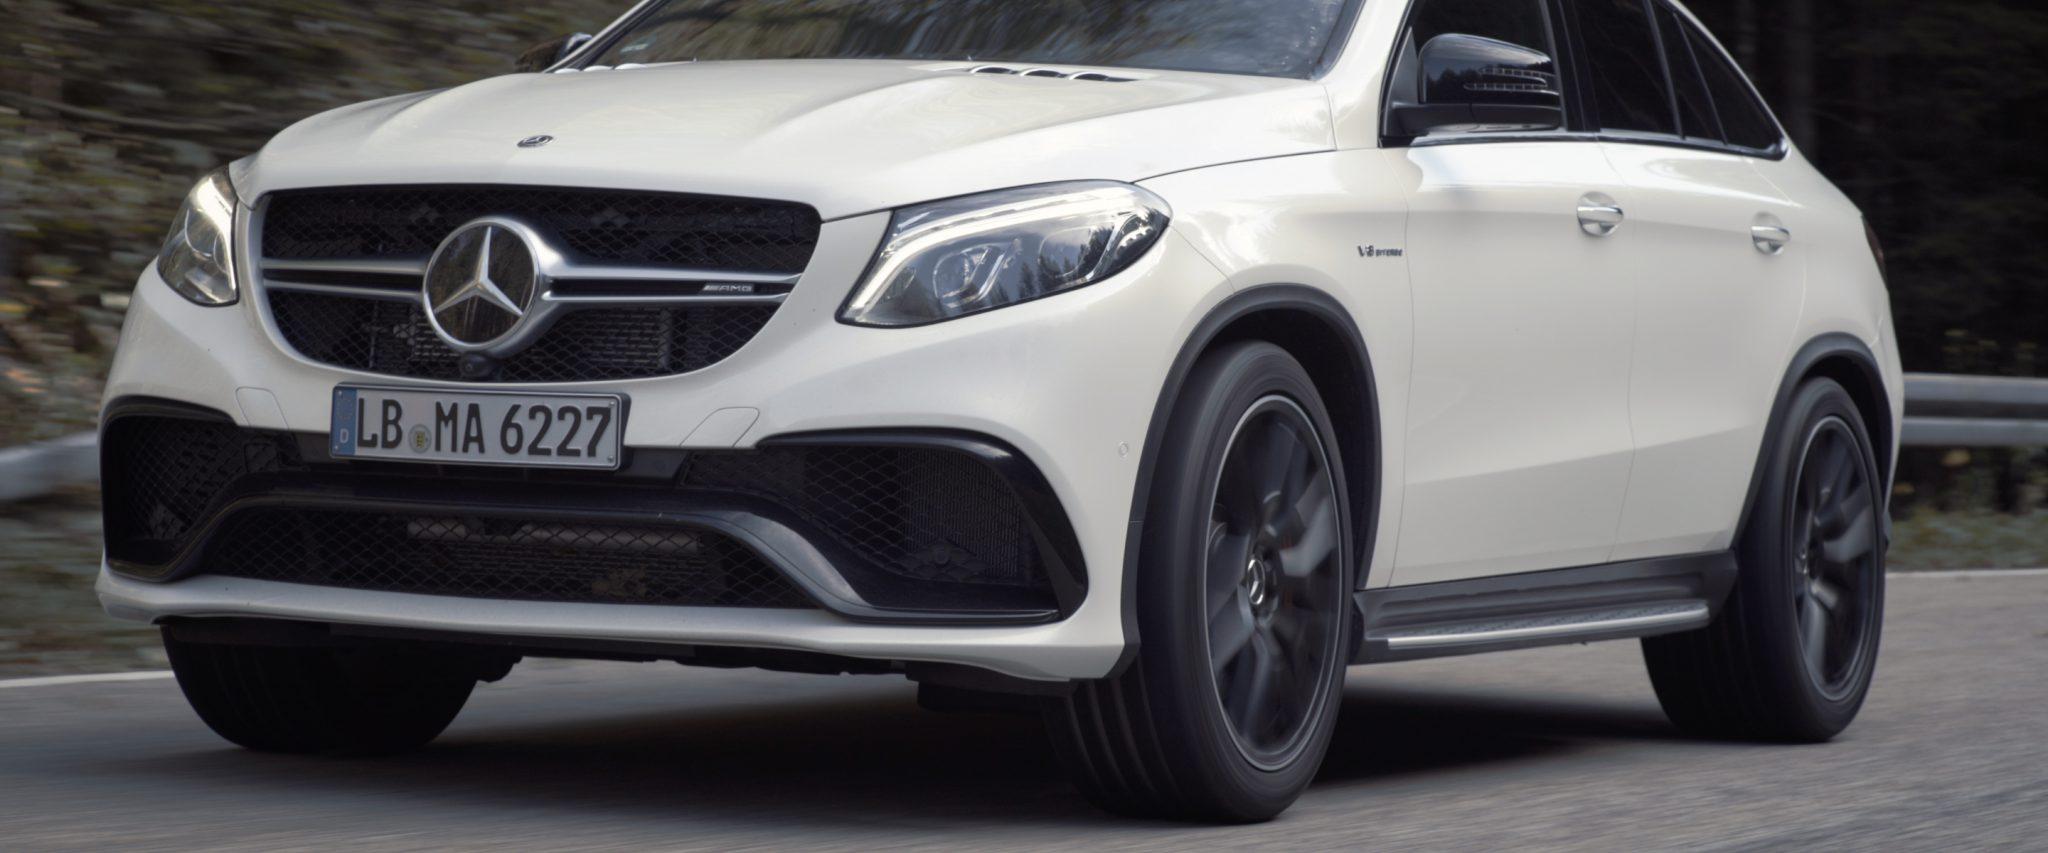 Mercedes-Benz car driving fast